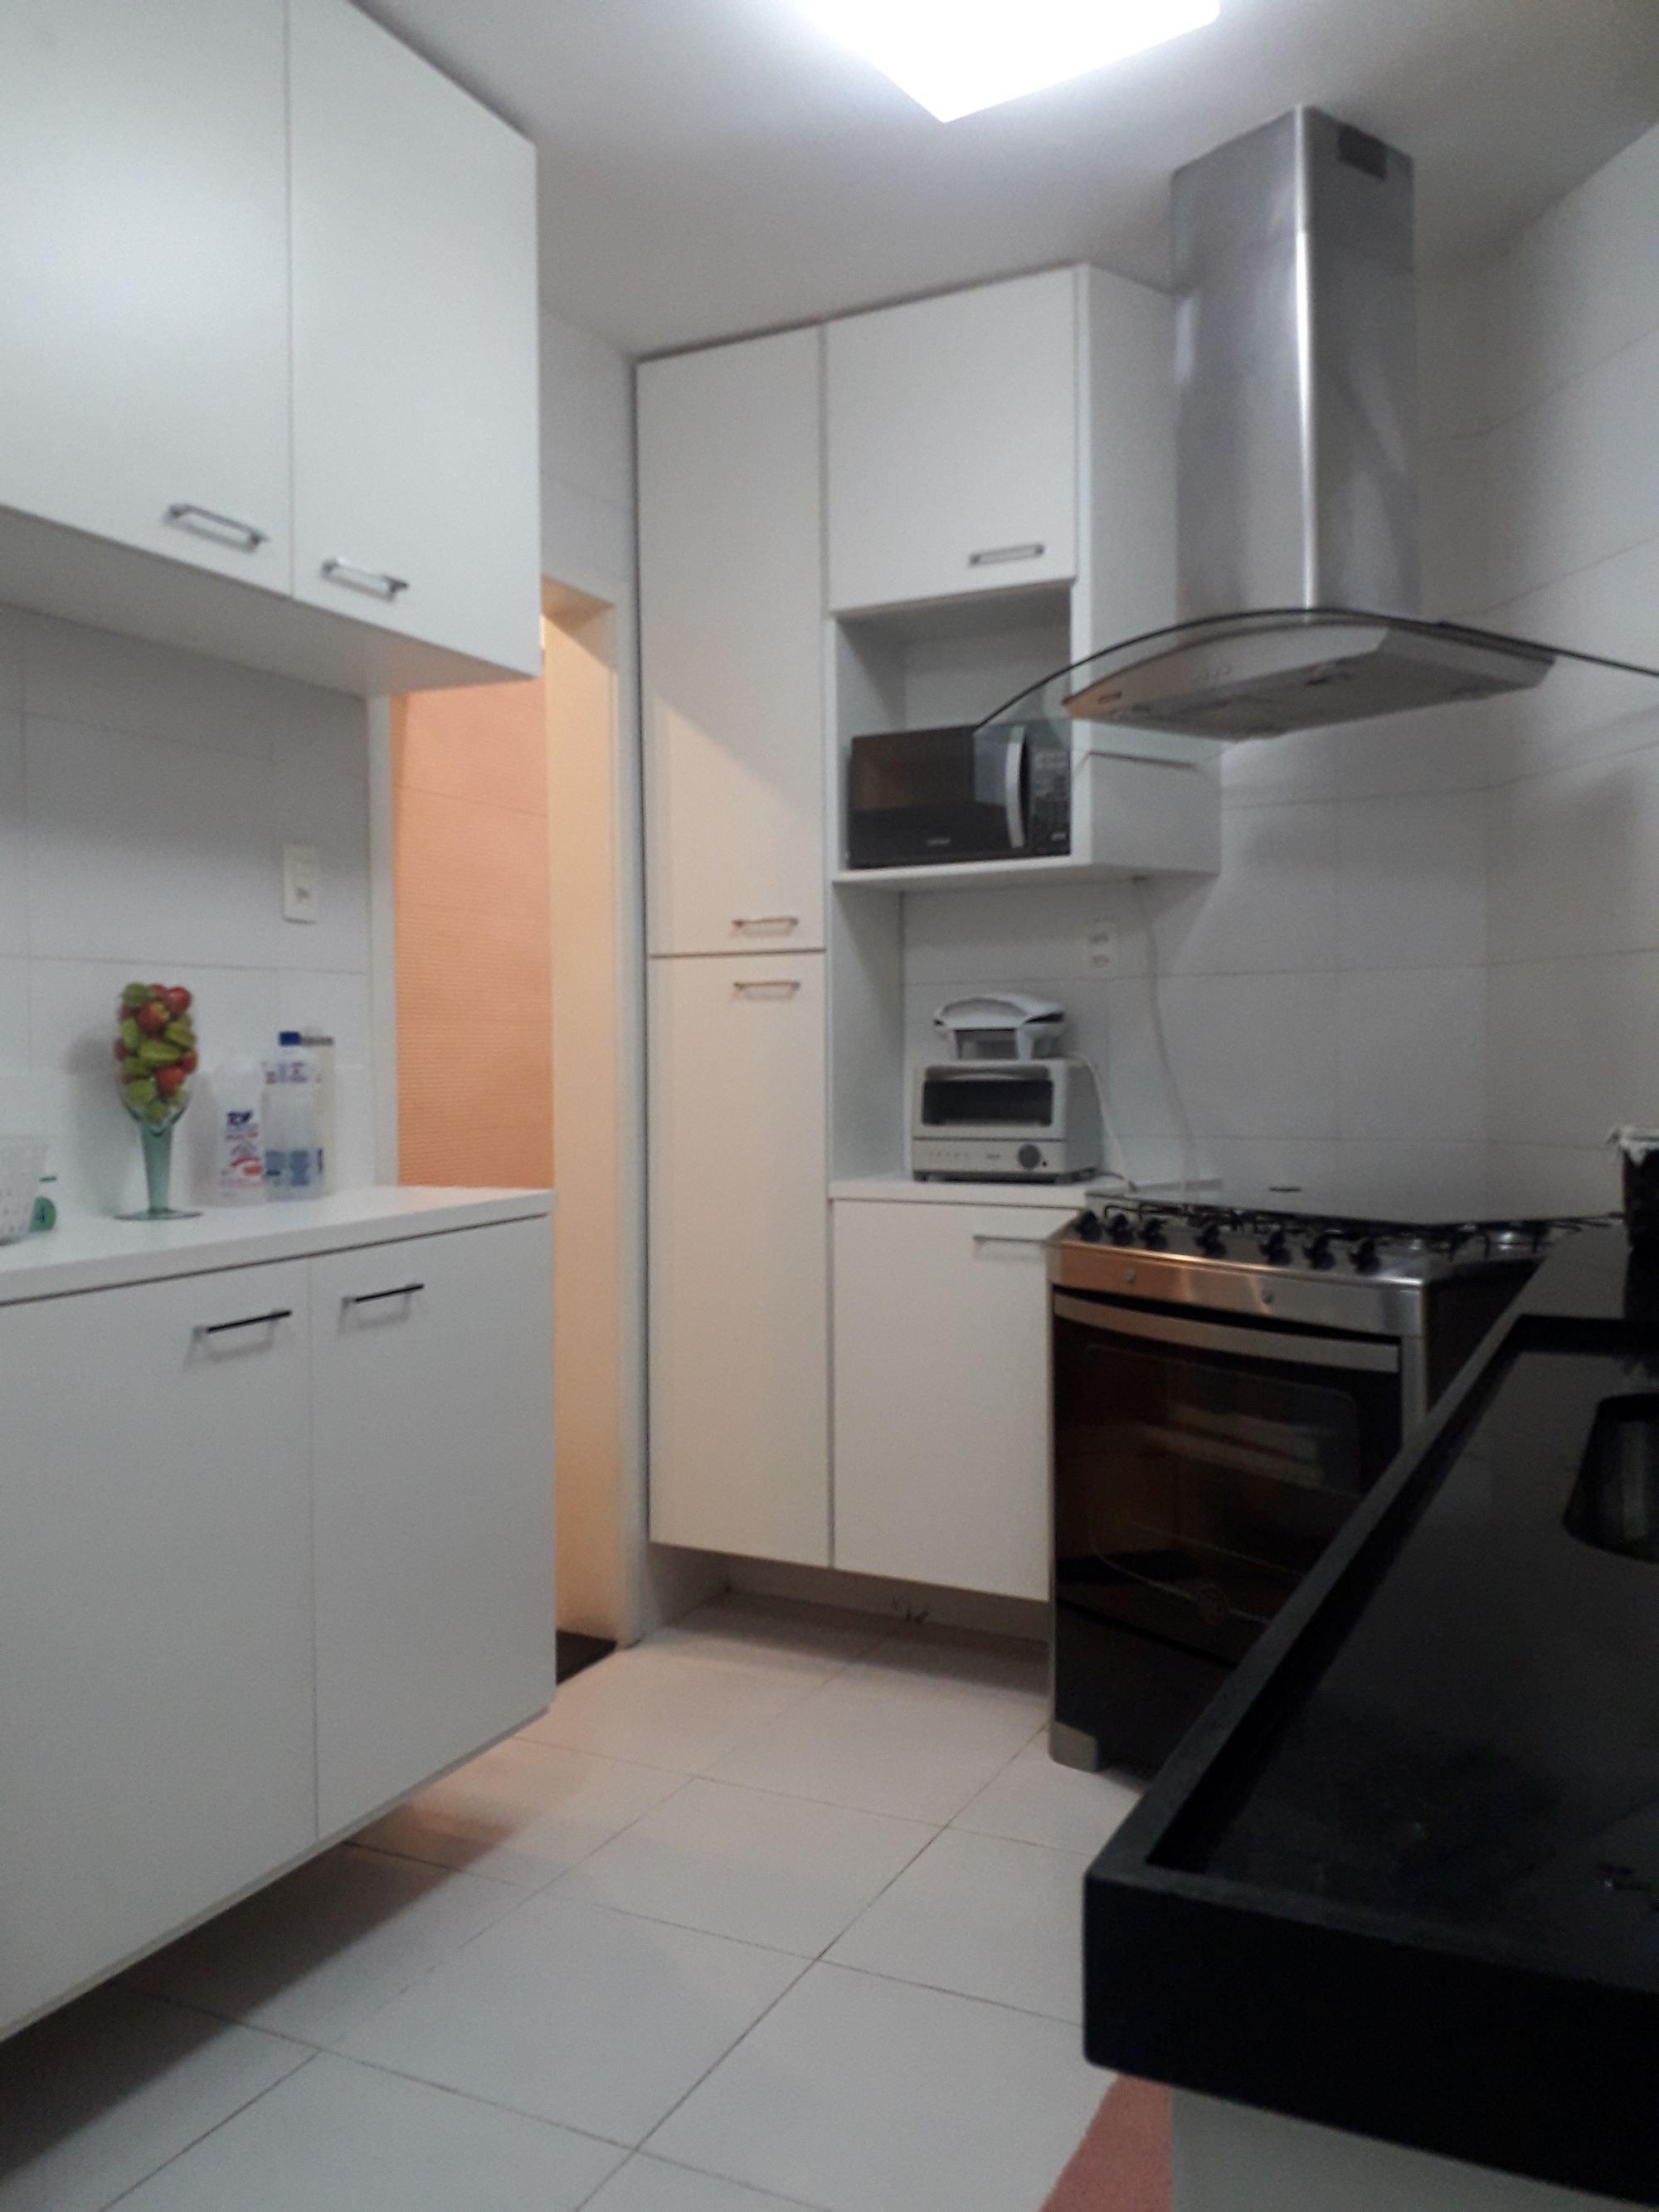 Foto de Cozinha com vaso, garrafa, forno, microondas